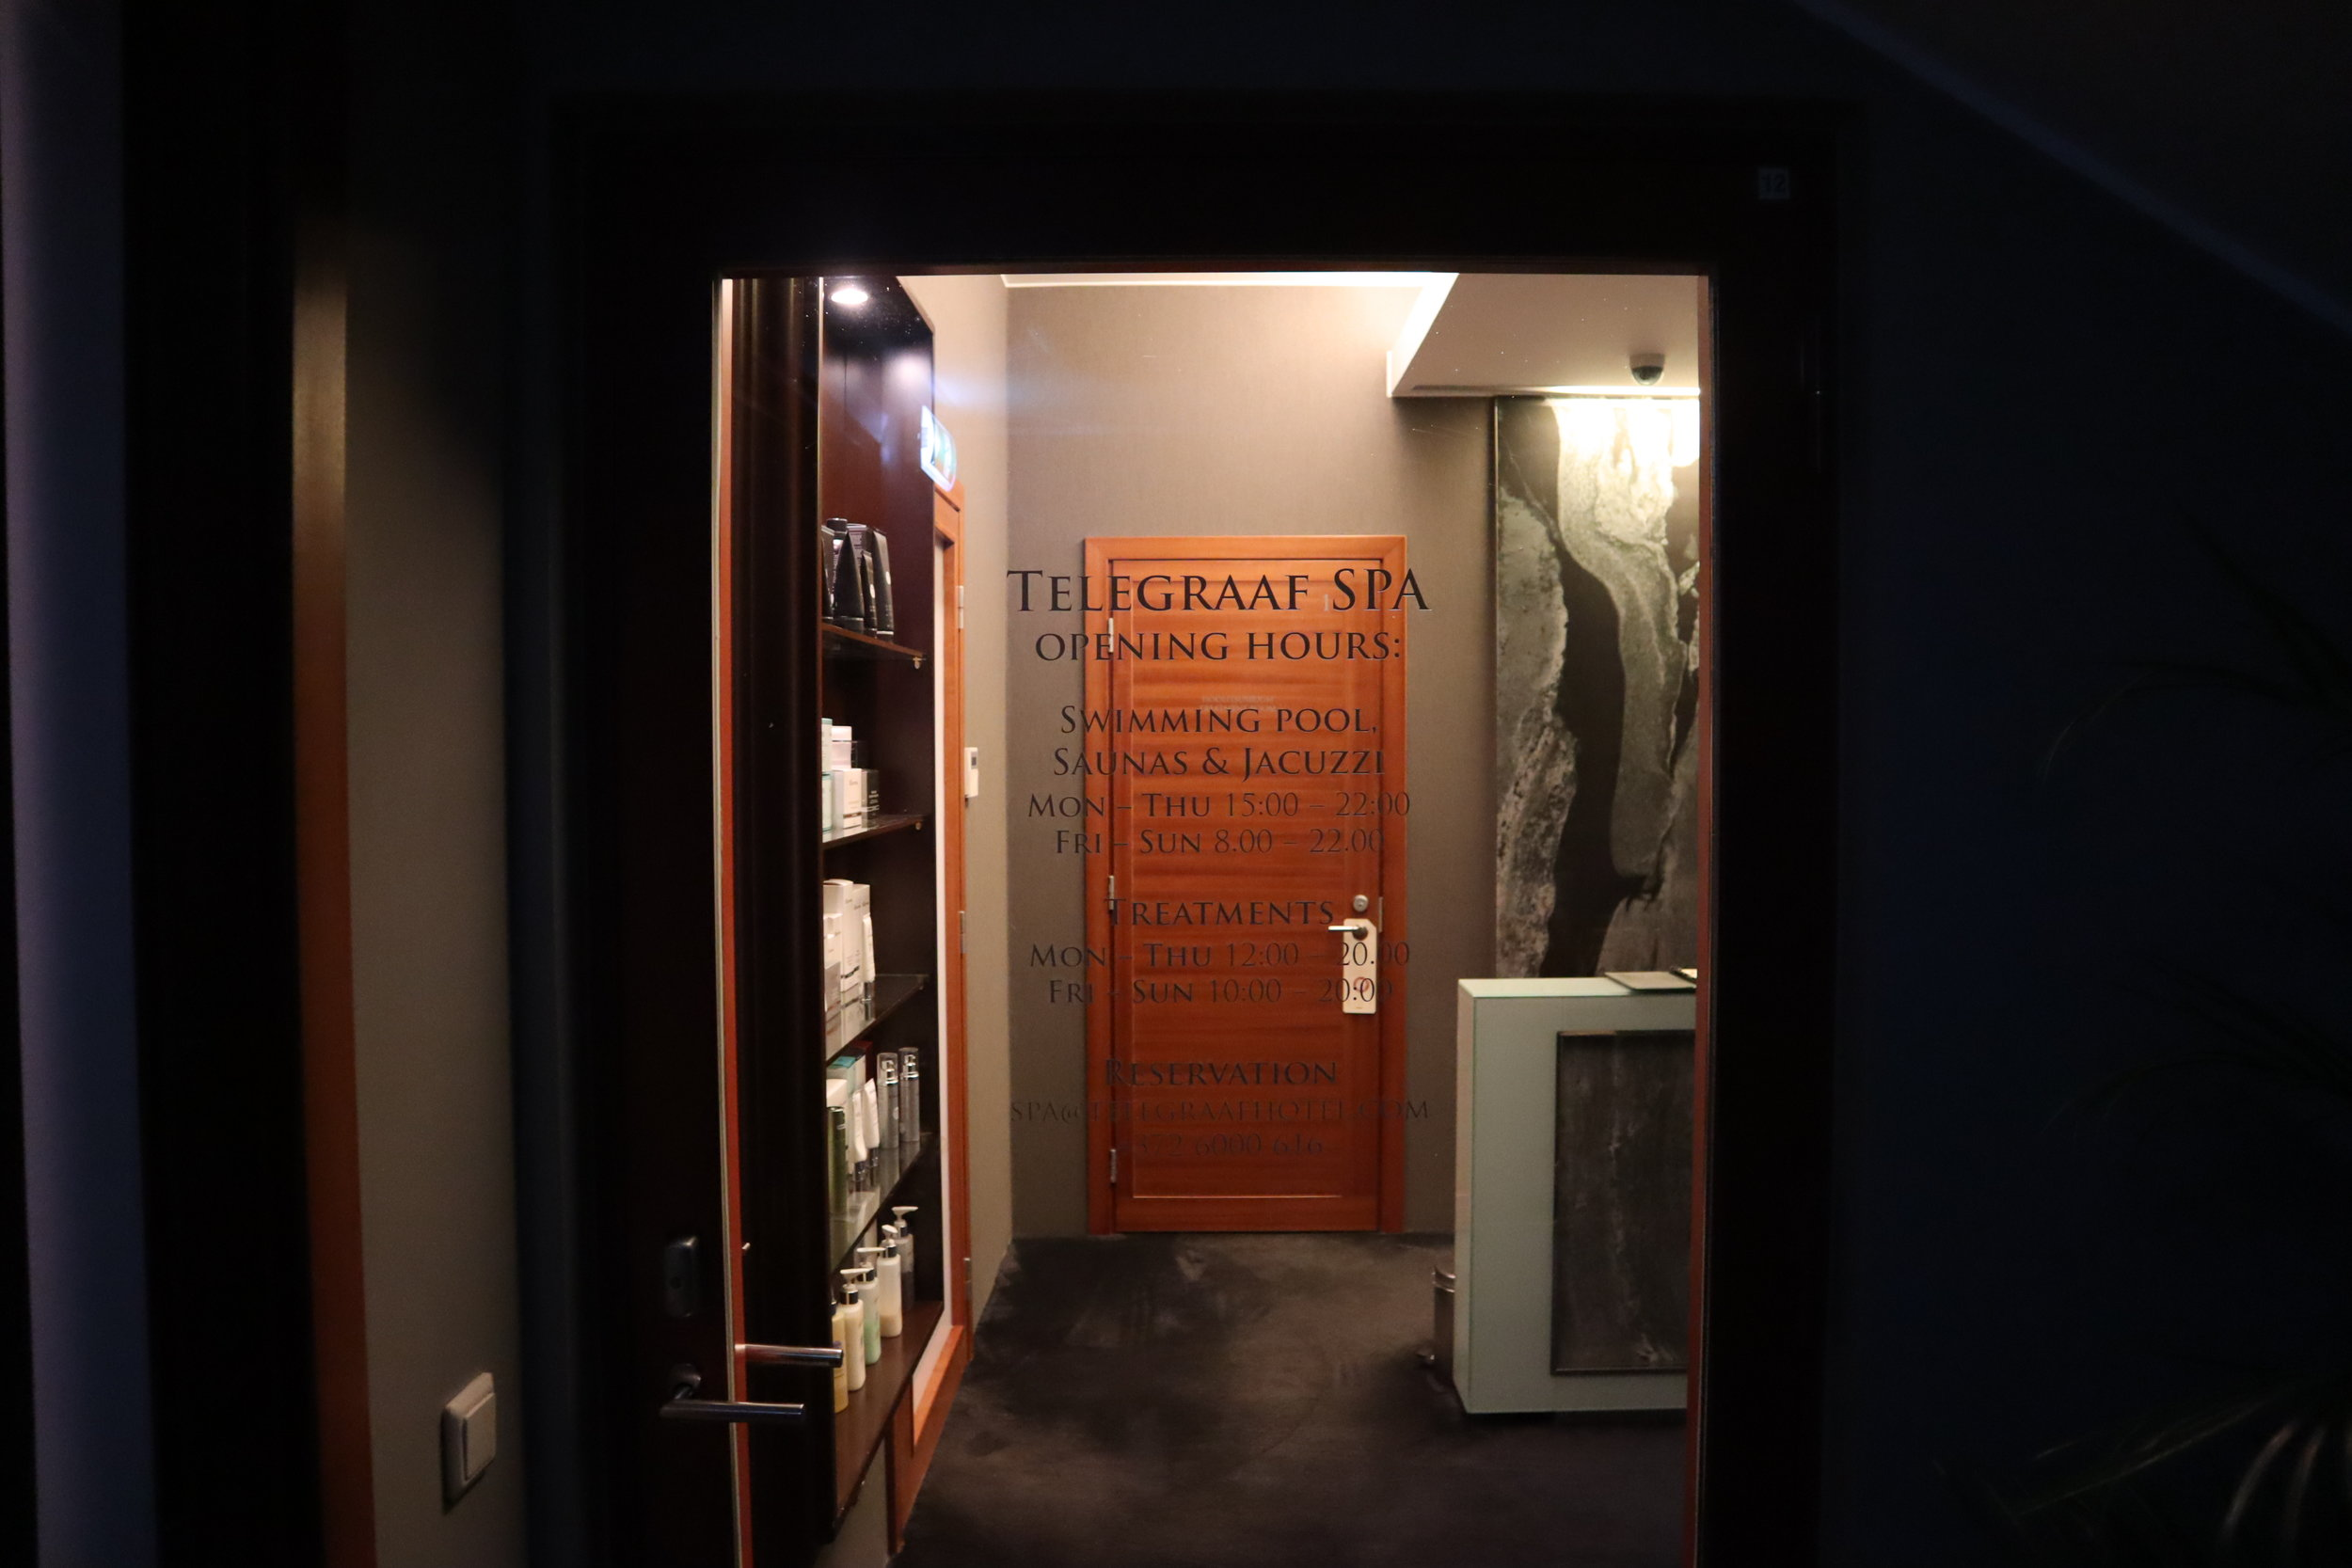 Hotel Telegraaf Tallinn – Telegraaf Spa